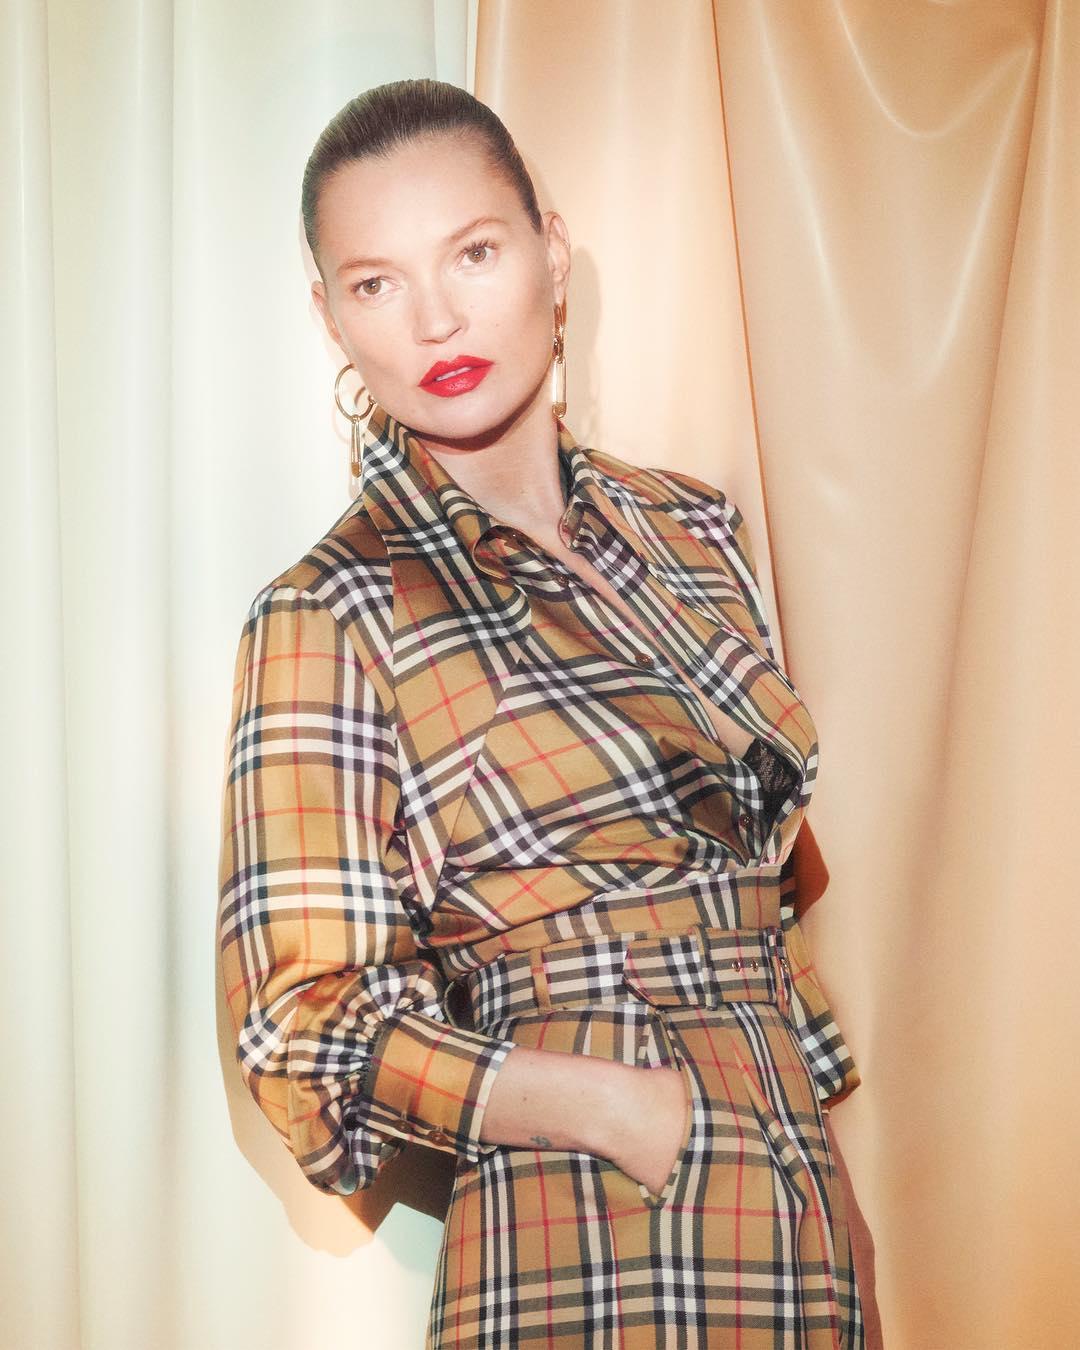 Kate Moss trong thiết kế hợp tác giữa Burberry và Vivienne Westwood.